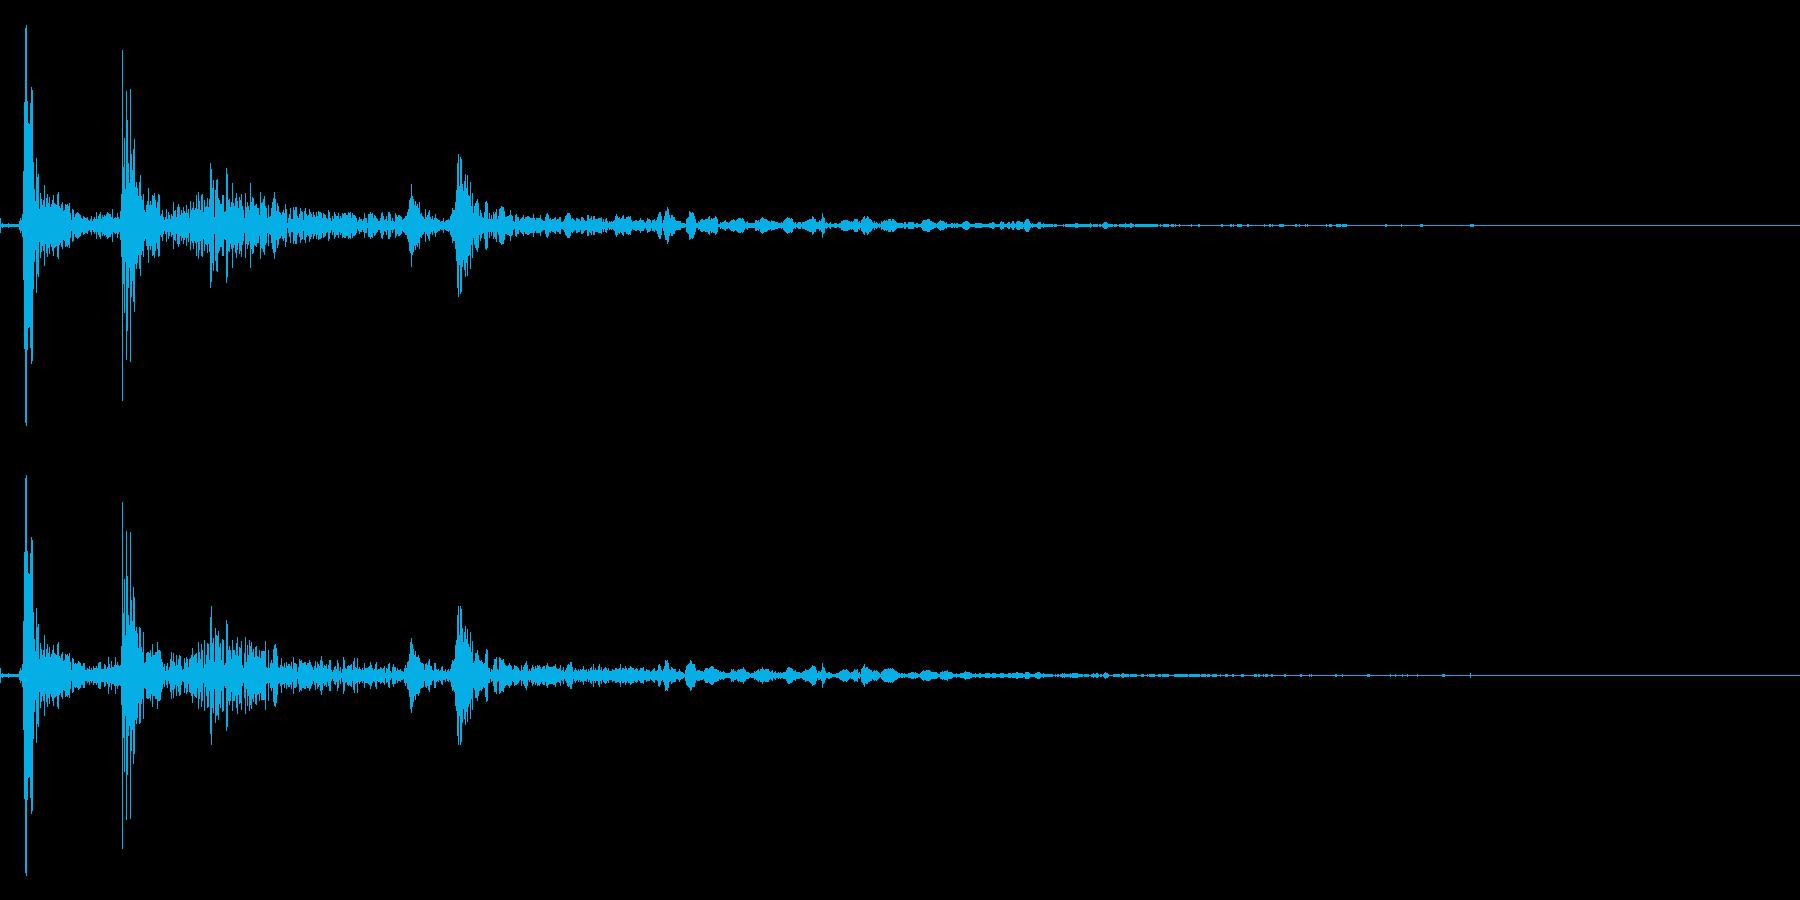 カタン バサッ(本が落ちる音)の再生済みの波形